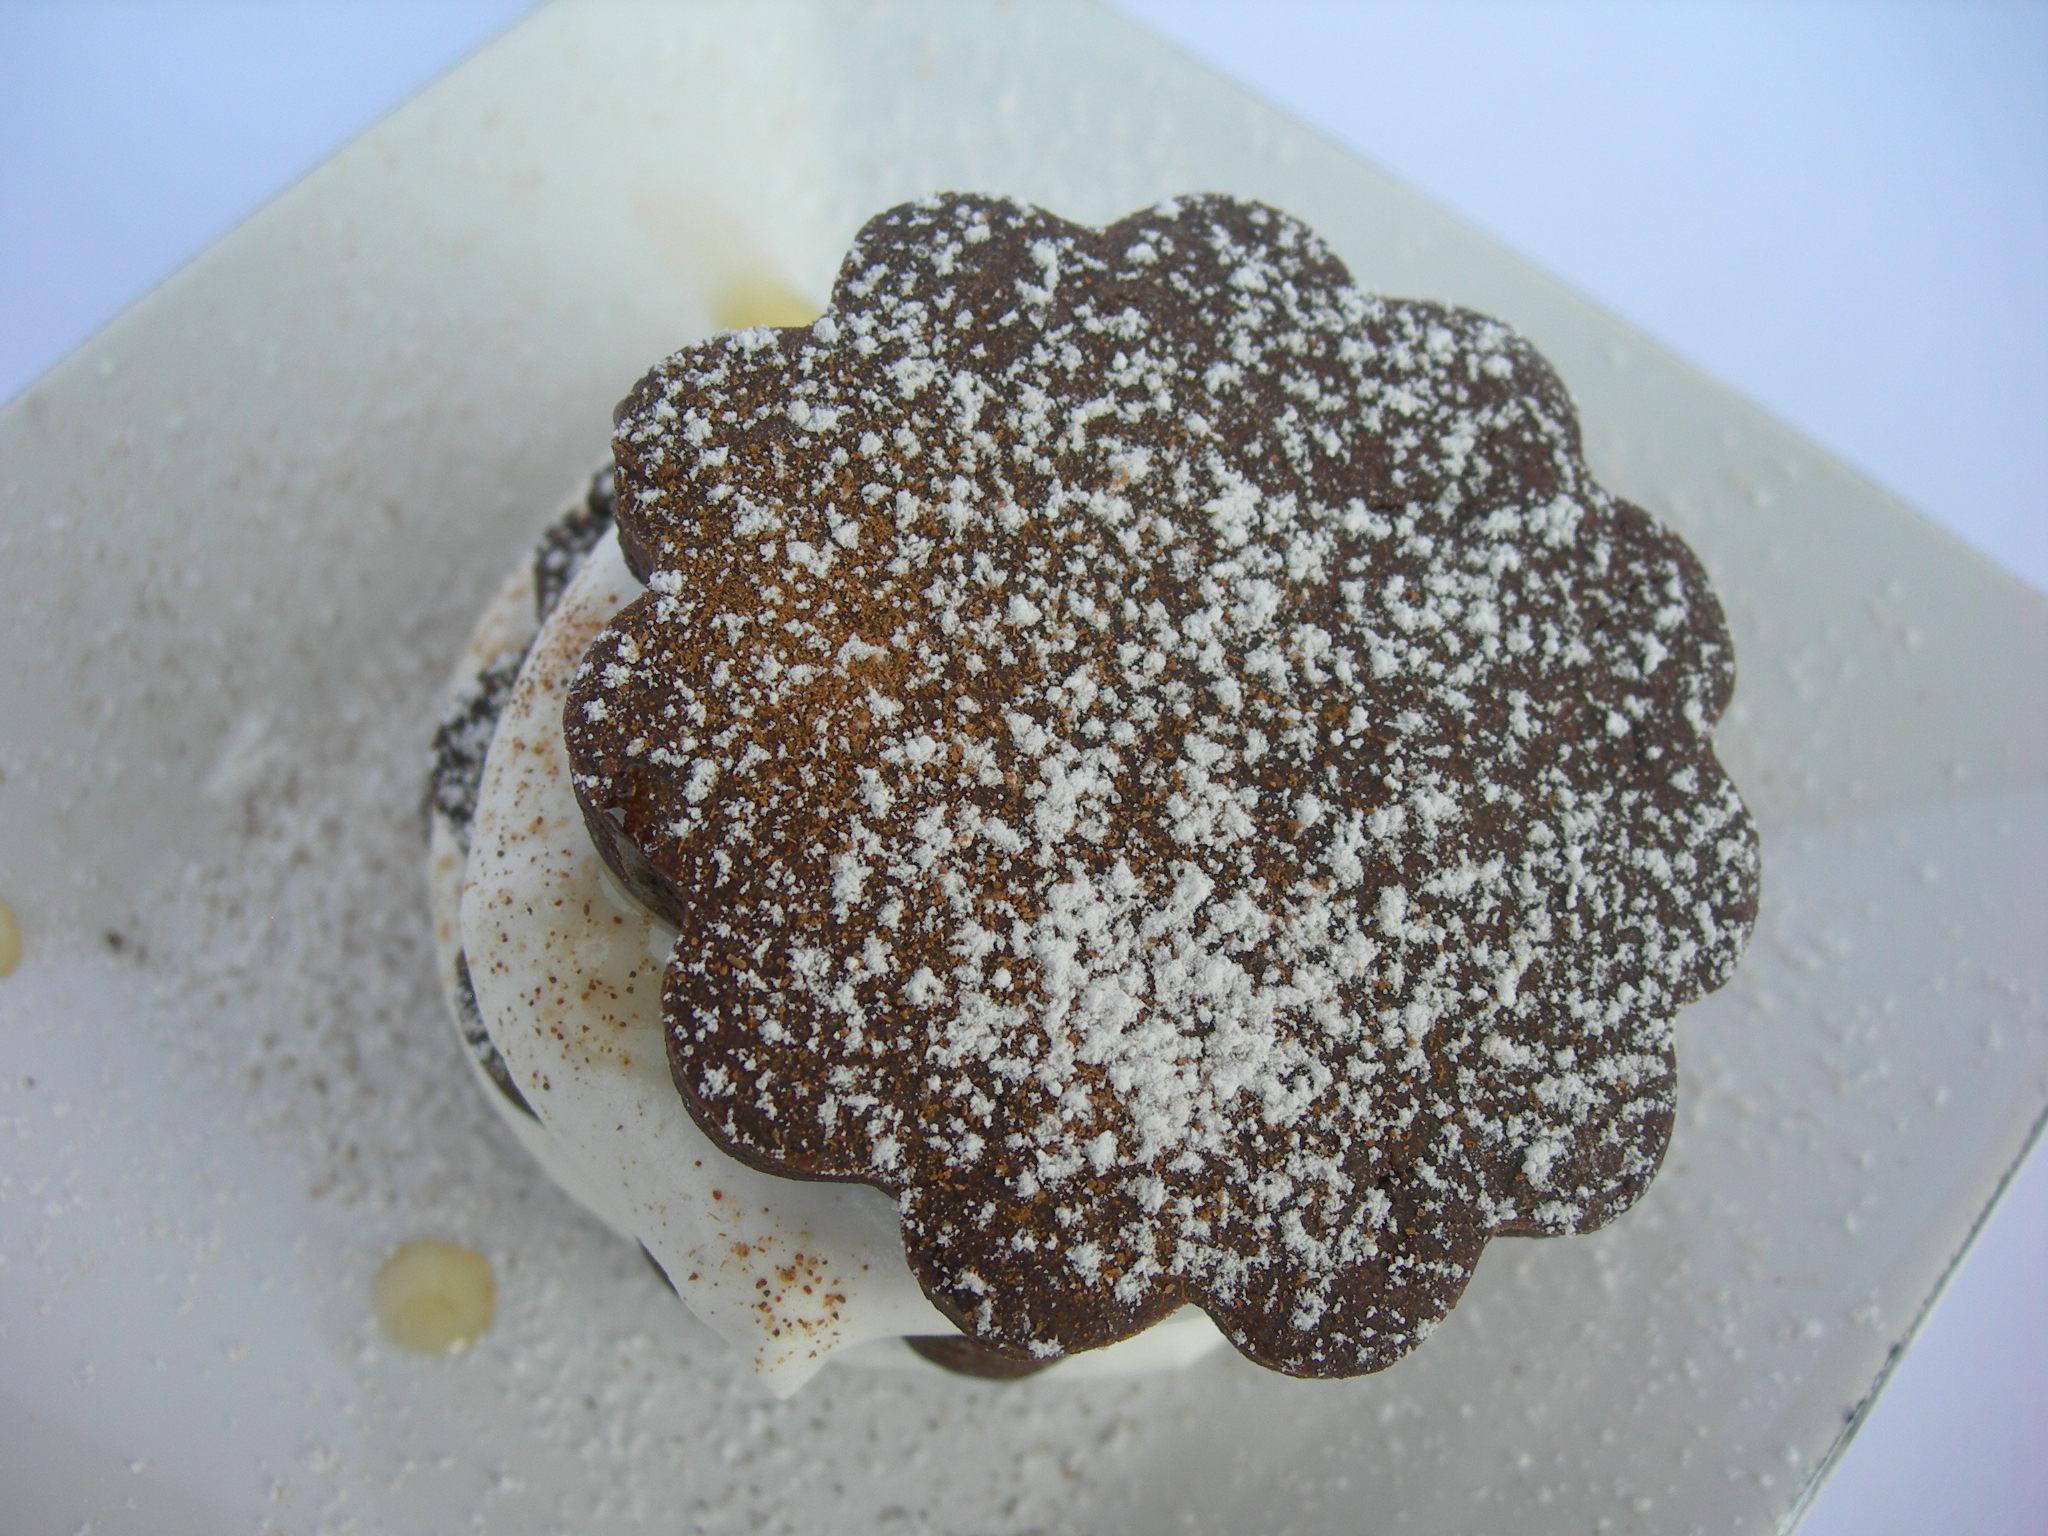 Sablèes al cacao, crème chantilly e miele al bergamotto